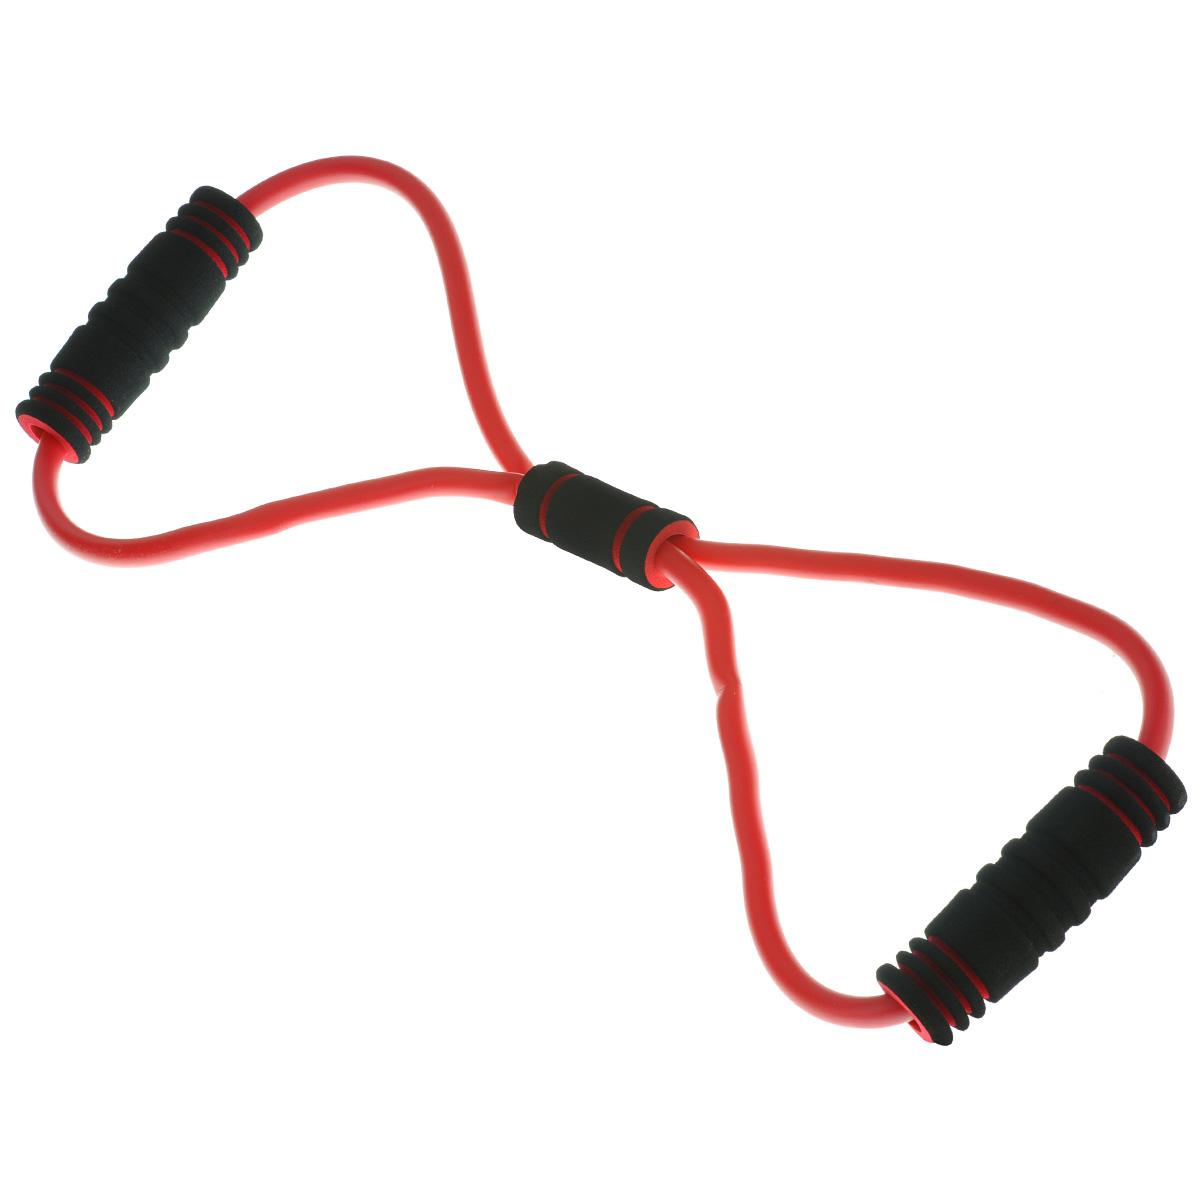 Эспандер-восьмерка грудной Lite Weights, одинарный, цвет: красный, черный0830LWГрудной одинарный эспандер-восьмерка Lite Weights изготовлен термопластикового эластомера. Ручки выполнены из вспененного полипропилена. Грудной эспандер используется для выполнения упражнений, направленных на укрепление плечевых и грудных мышц. Эспандеры - небольшие спортивные снаряды, с помощью которых можно развивать разные группы мышц. Их главное преимущество перед всем спортивным инвентарем - это компактность. Принцип занятий с эспандером заключается в применении силы против его эластичности или упругости. Растягивая такой эспандер двумя руками от груди, нагрузка распределяется на грудные и плечевые мышцы. При занятии с грудными эспандерами поддерживаются в тонусе все мышцы торса. С эспандером-восьмеркой можно заниматься как в спортзале, так и в домашних условиях. Он компактен и удобен в хранении. Яркий и современный дизайн станет приятным дополнением к вашим тренировкам. Толщина жгута: 1 см. Длина эспандера: 56 см. Степень нагрузки: средняя.